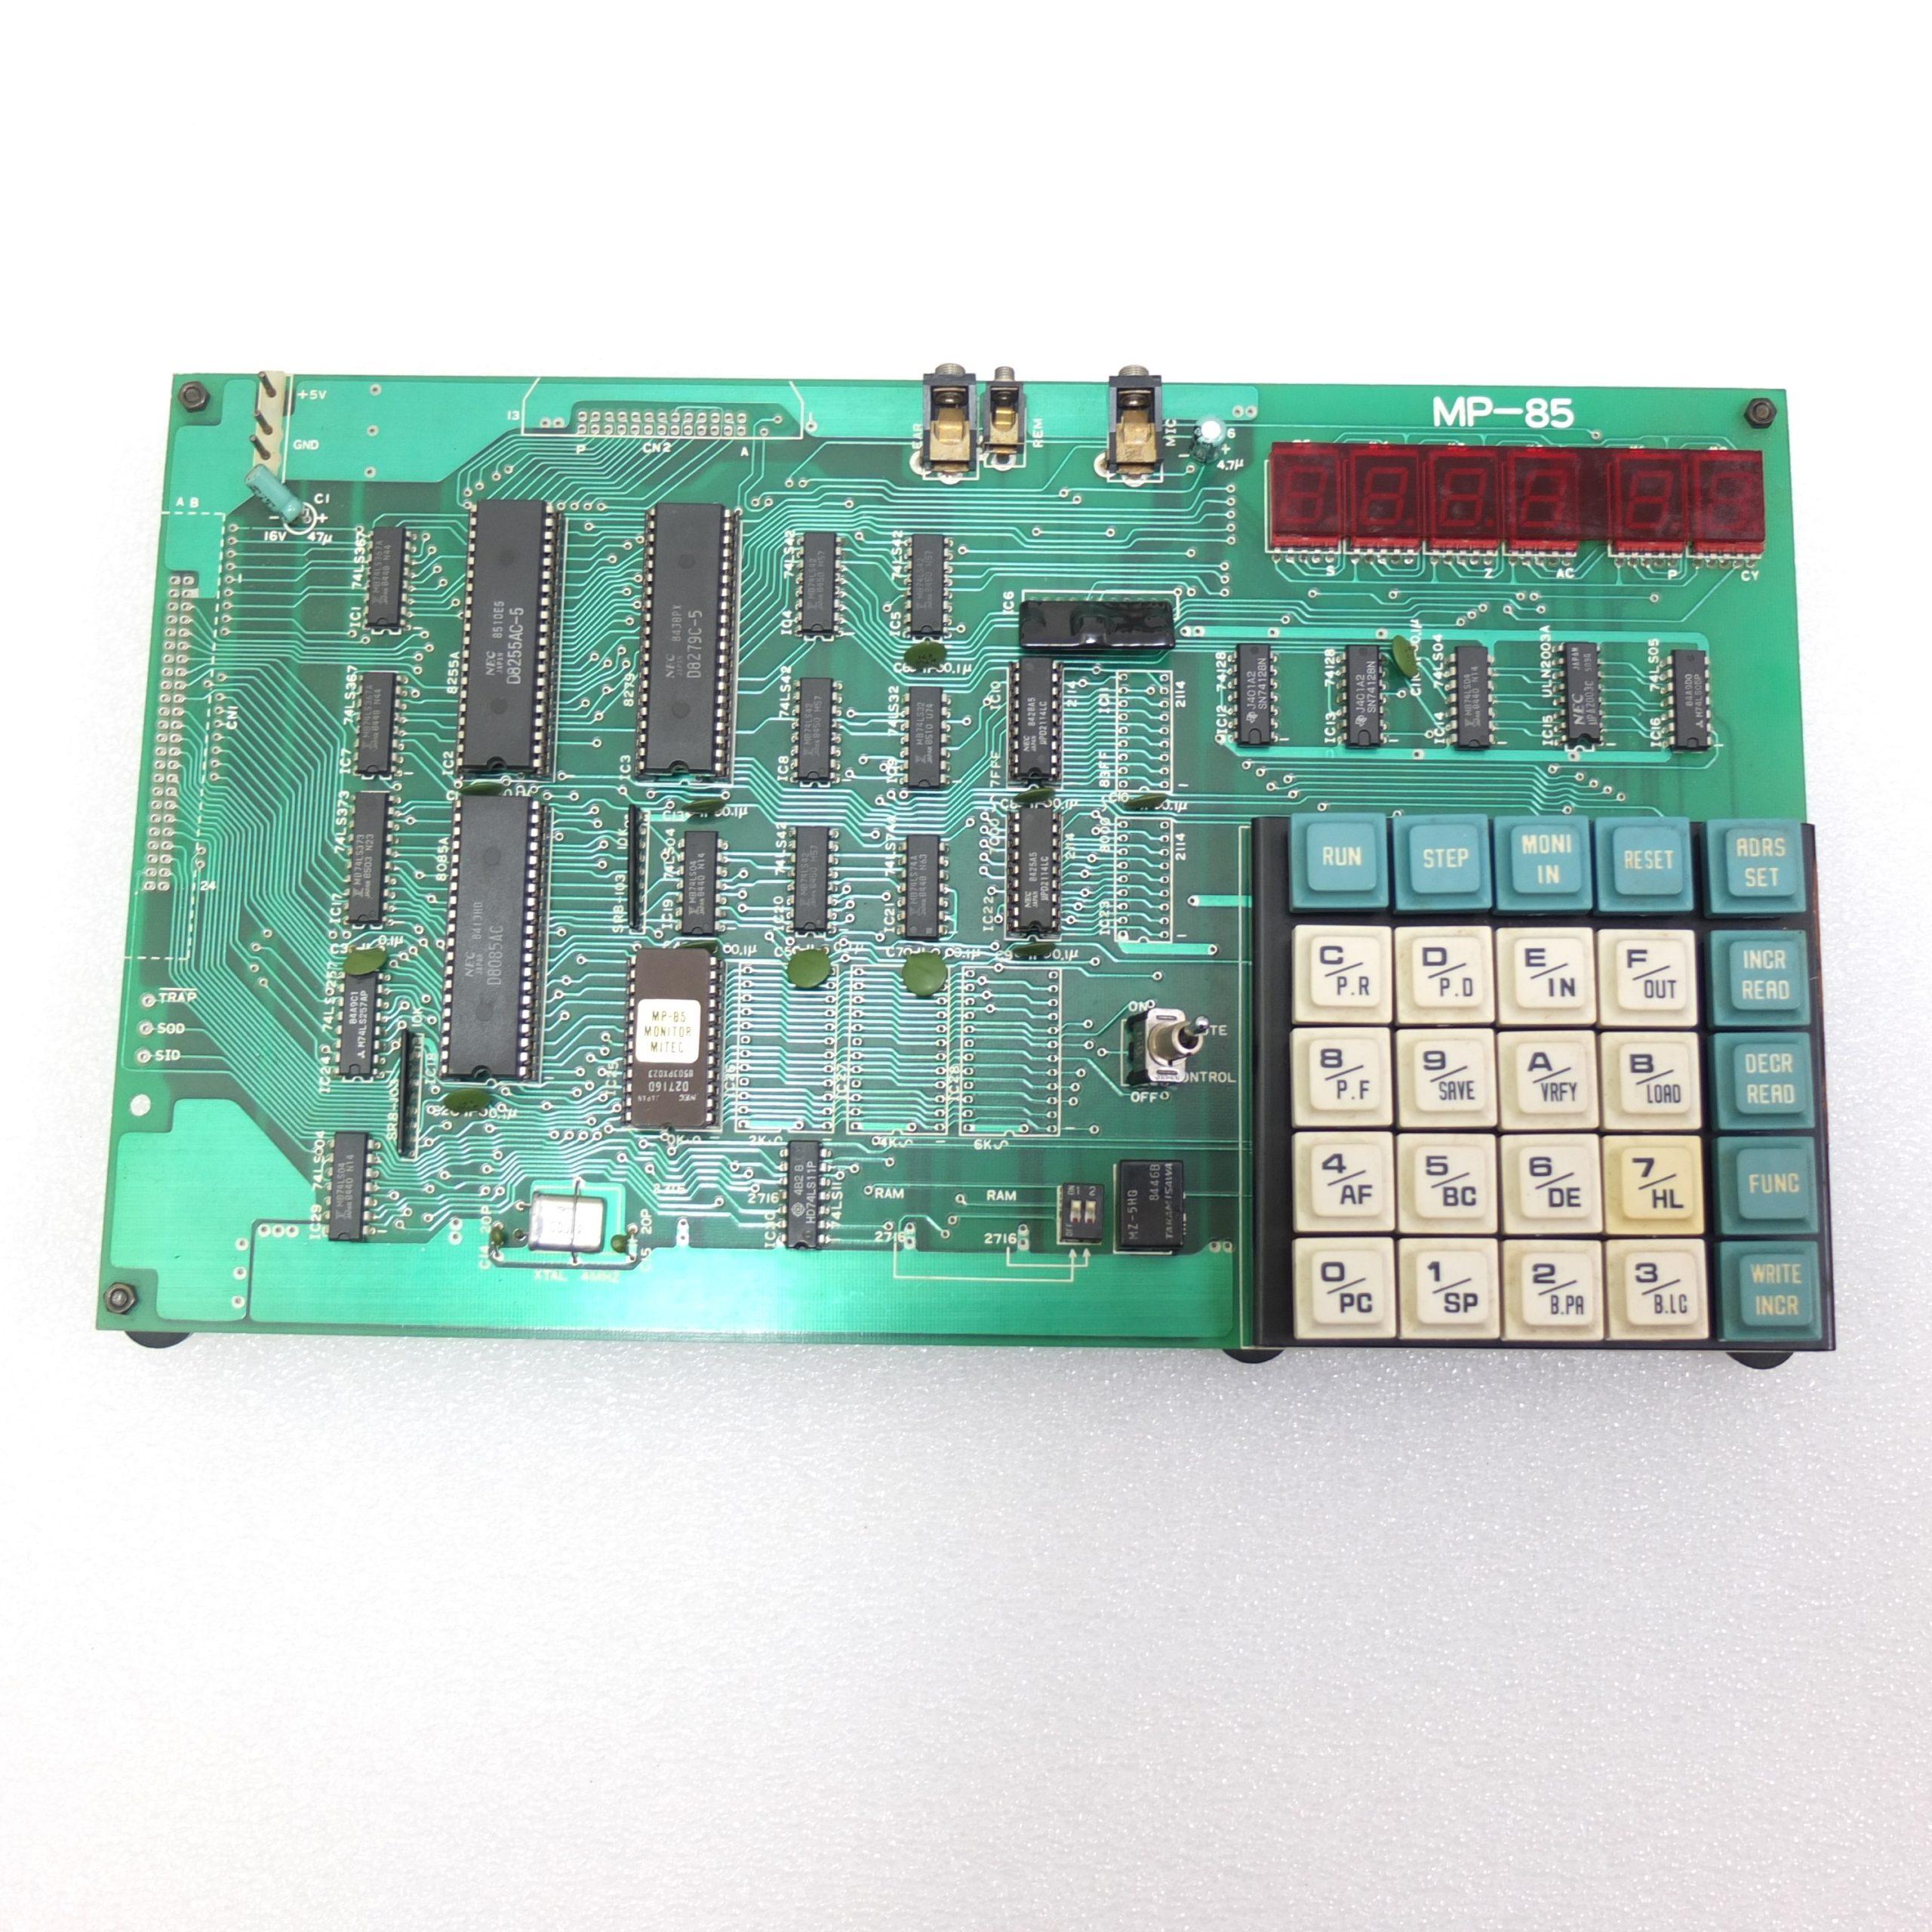 MITEC マイテック MP-85 マイコン基板 ワンボードマイコン